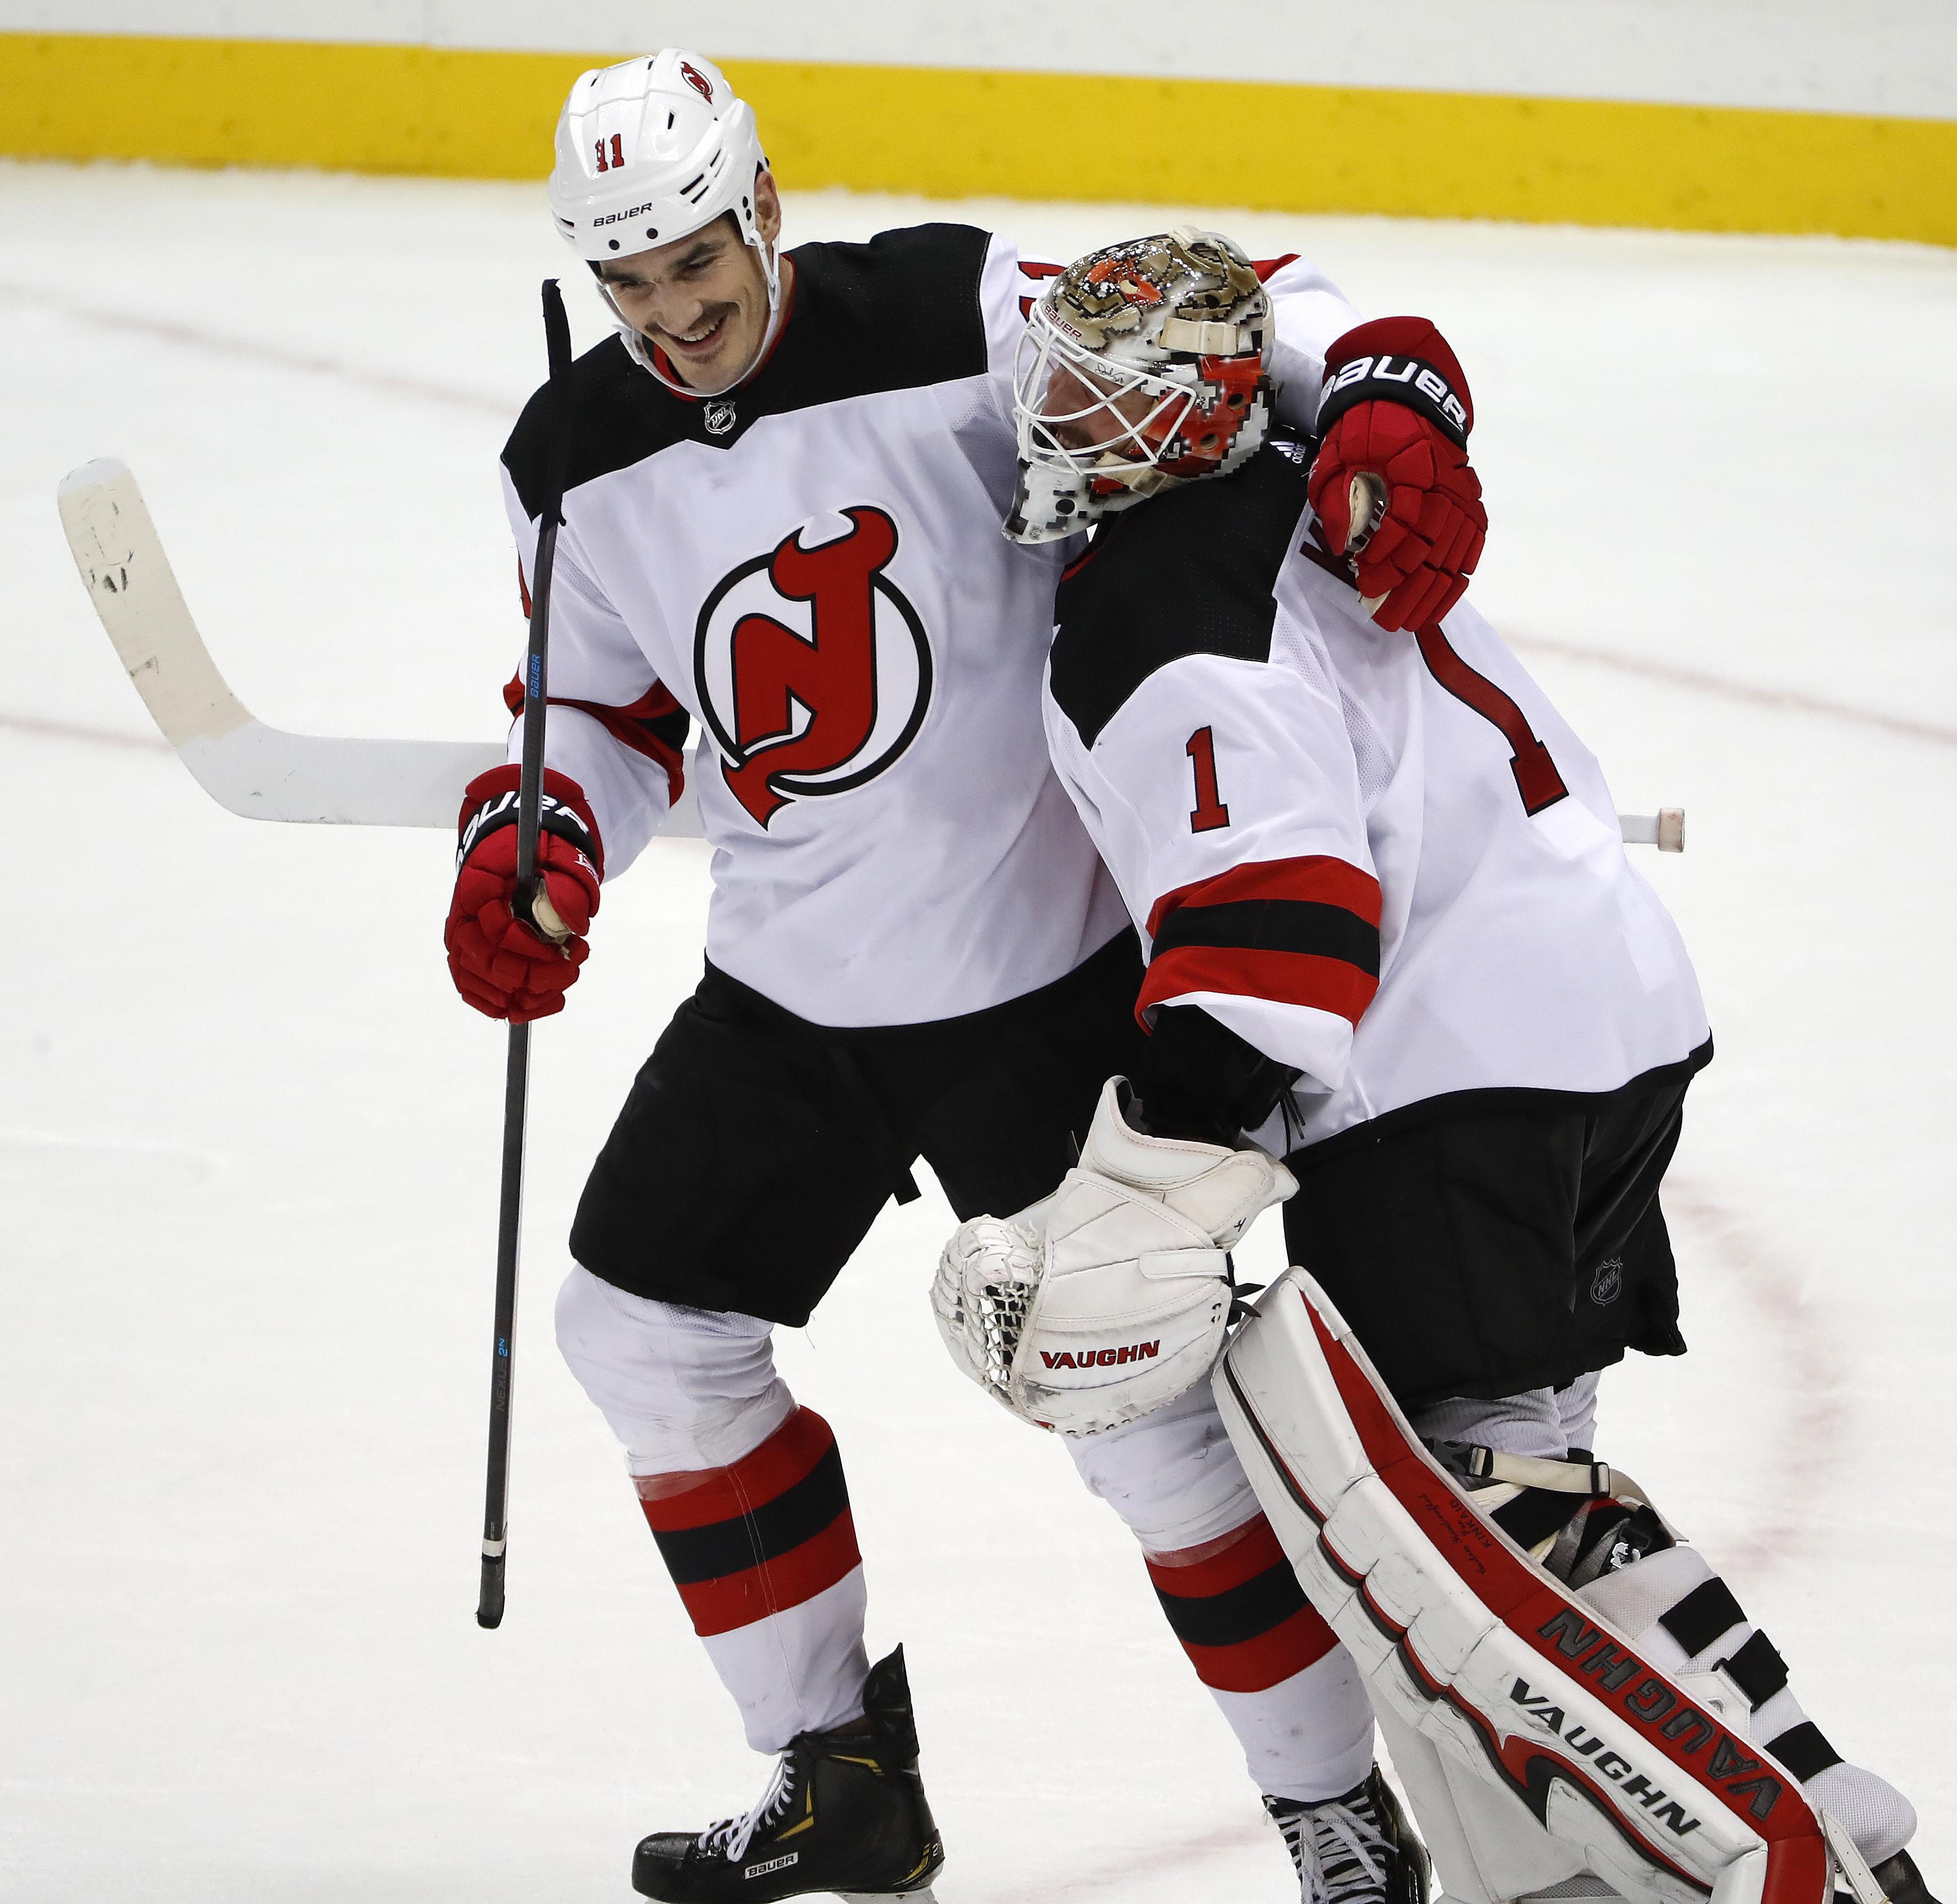 Boyle's hat trick helps Devils defeat Penguins